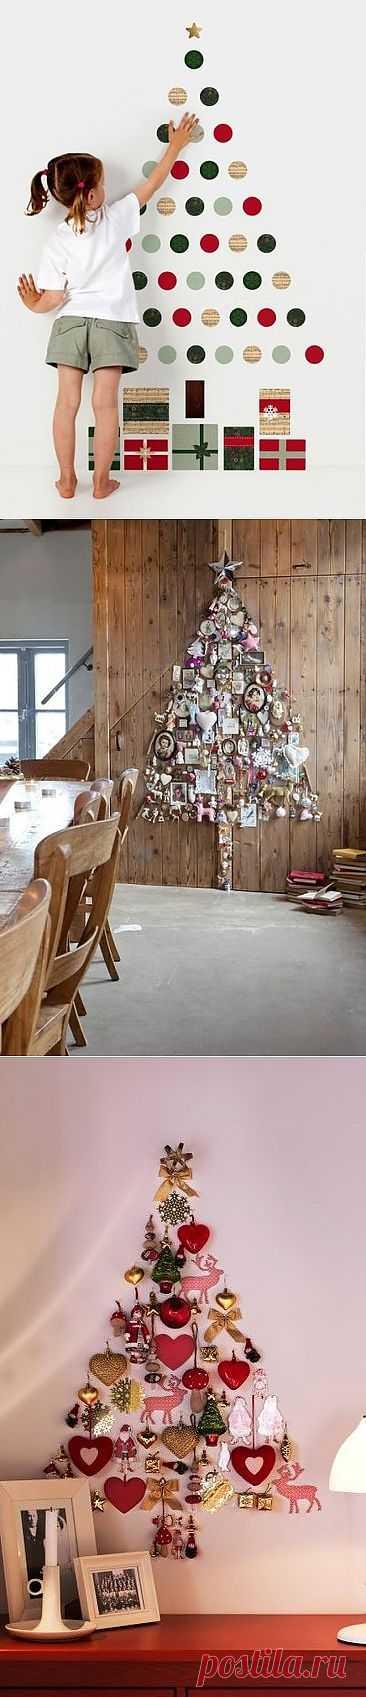 Пять иммитаций ёлок / Новогодний интерьер / Модный сайт о стильной переделке одежды и интерьера